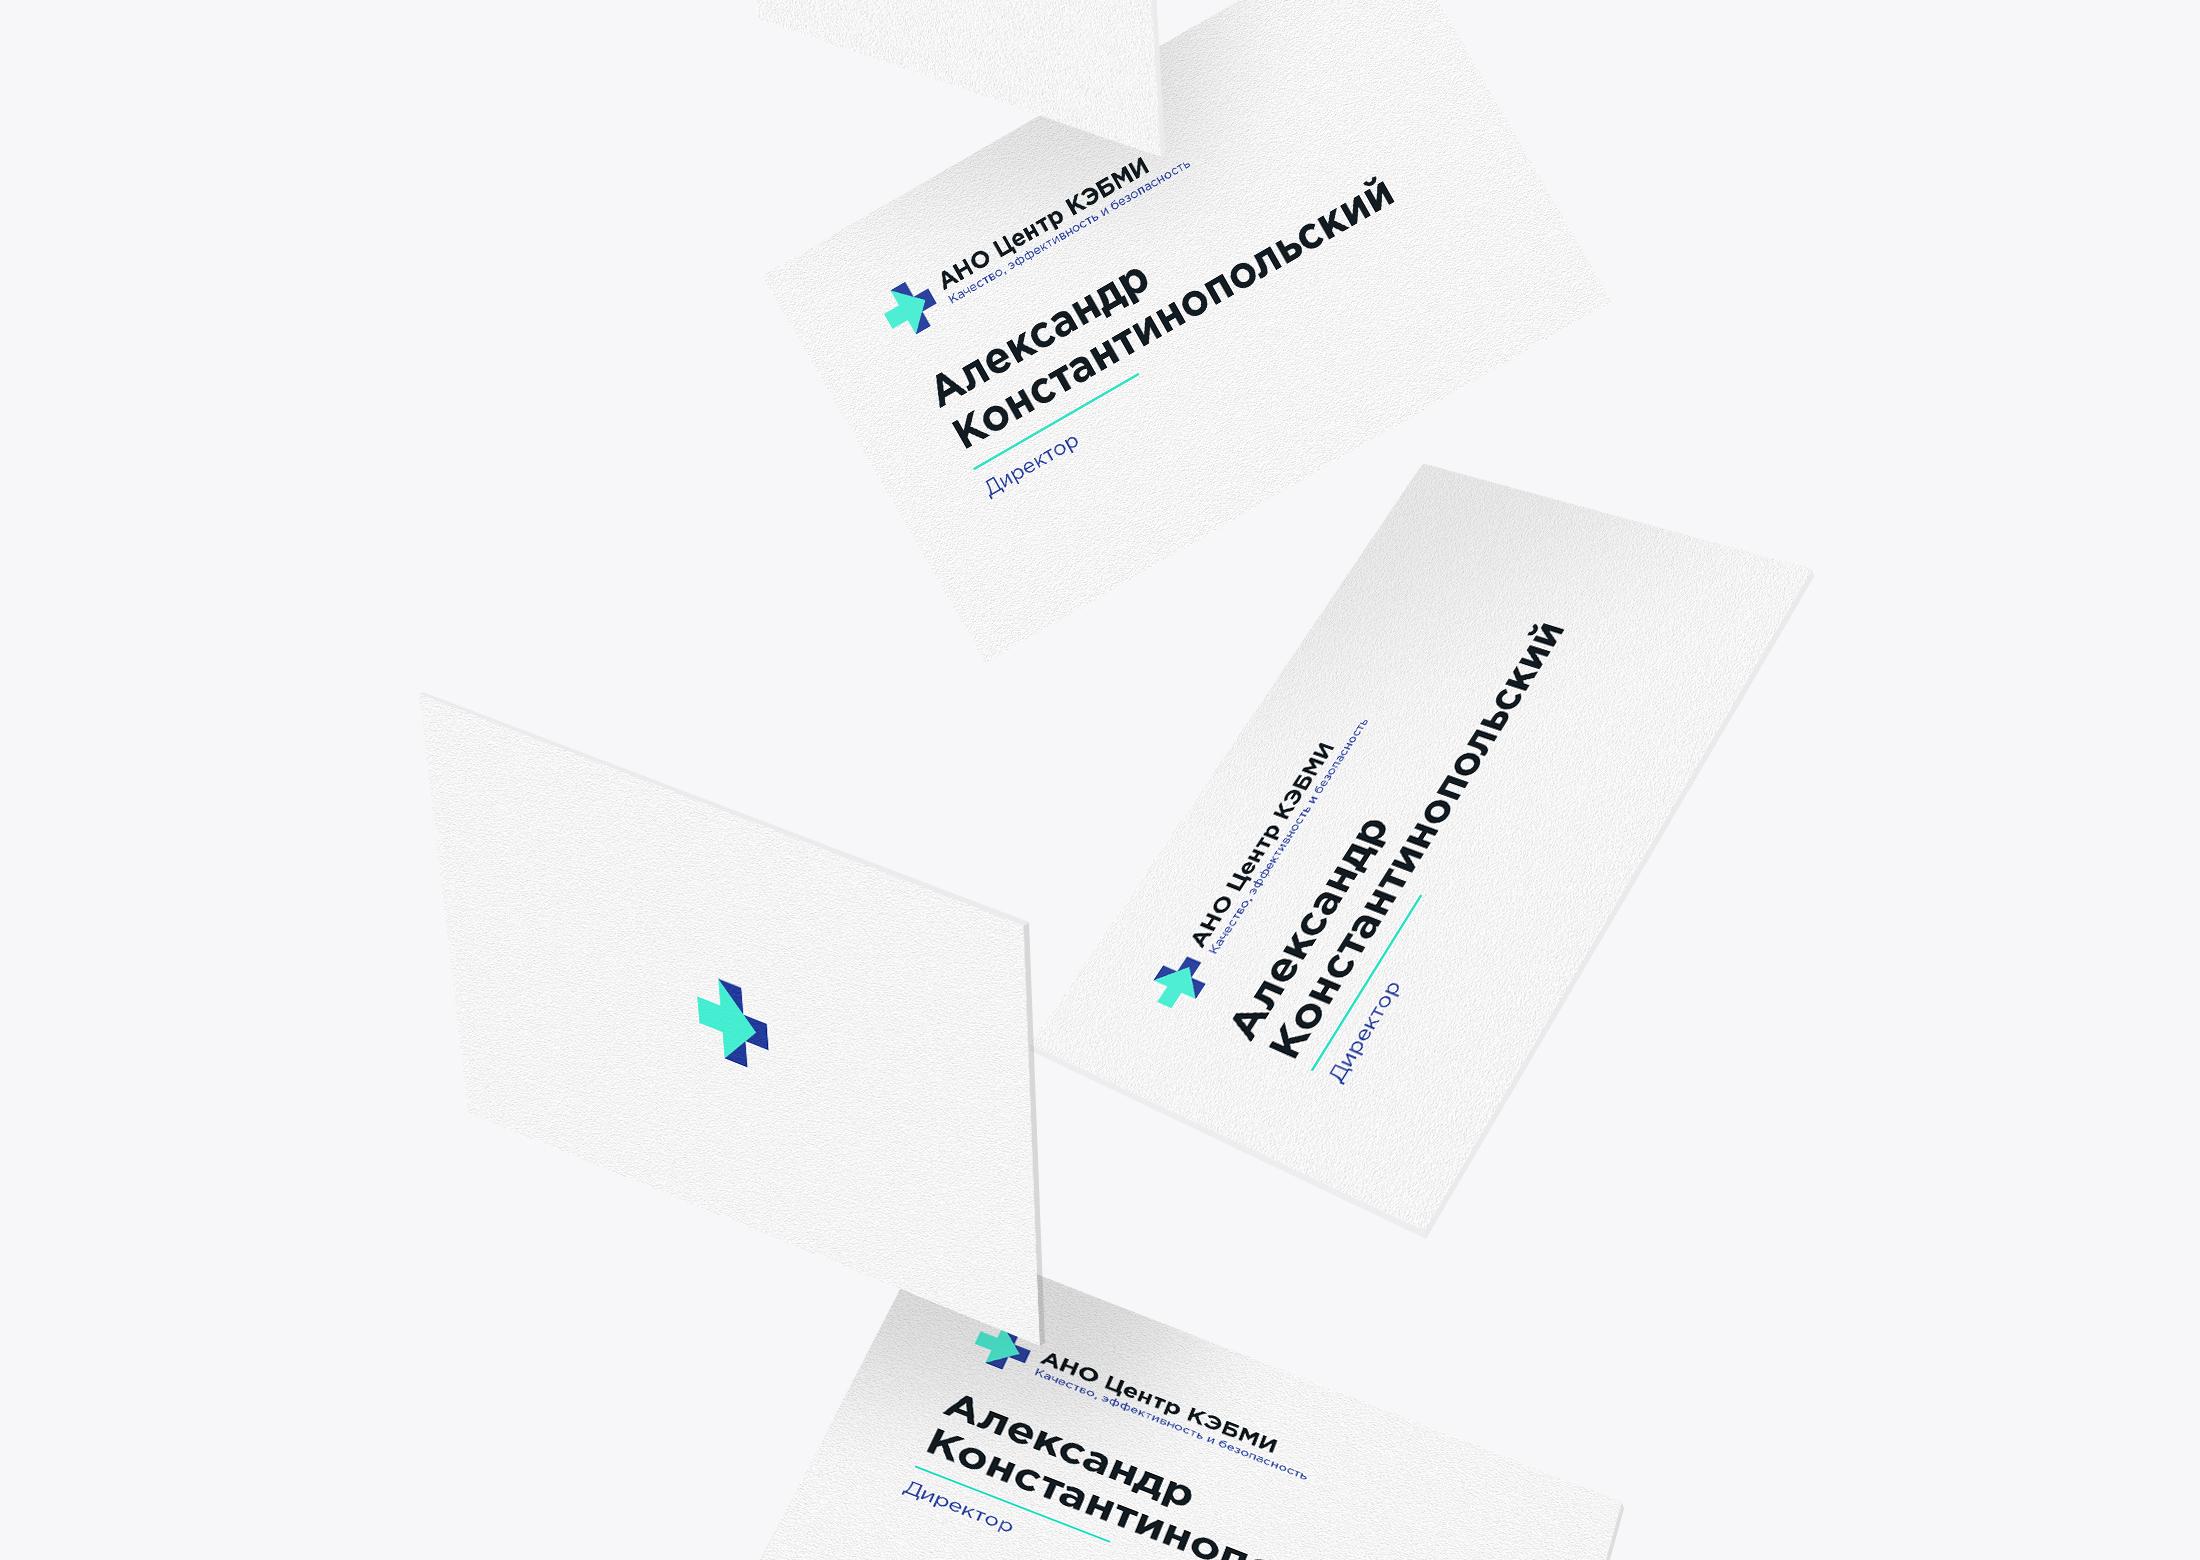 Редизайн логотипа АНО Центр КЭБМИ - BREVIS фото f_6275b2909d66e348.jpg